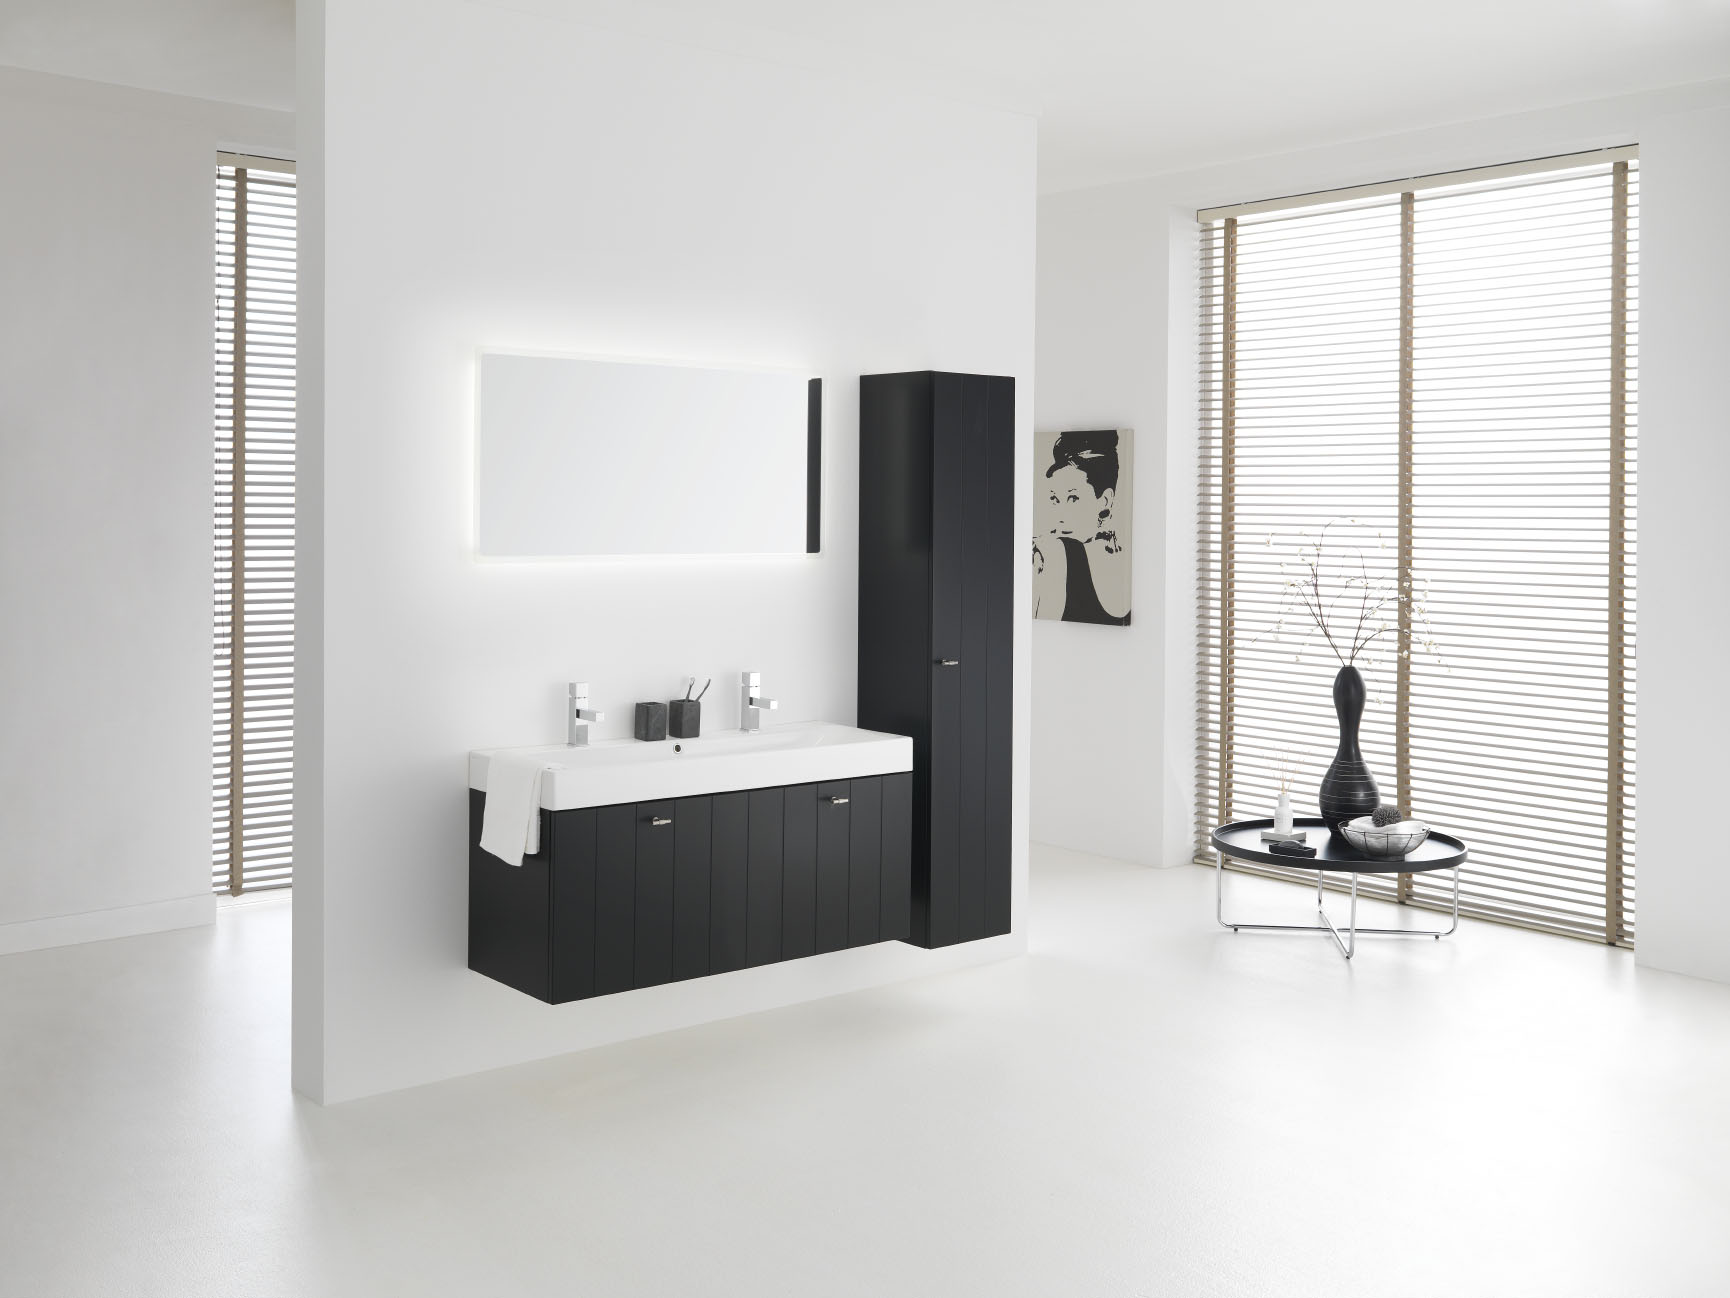 badkamerinspiratie 5 trends voor de badkamer wonen